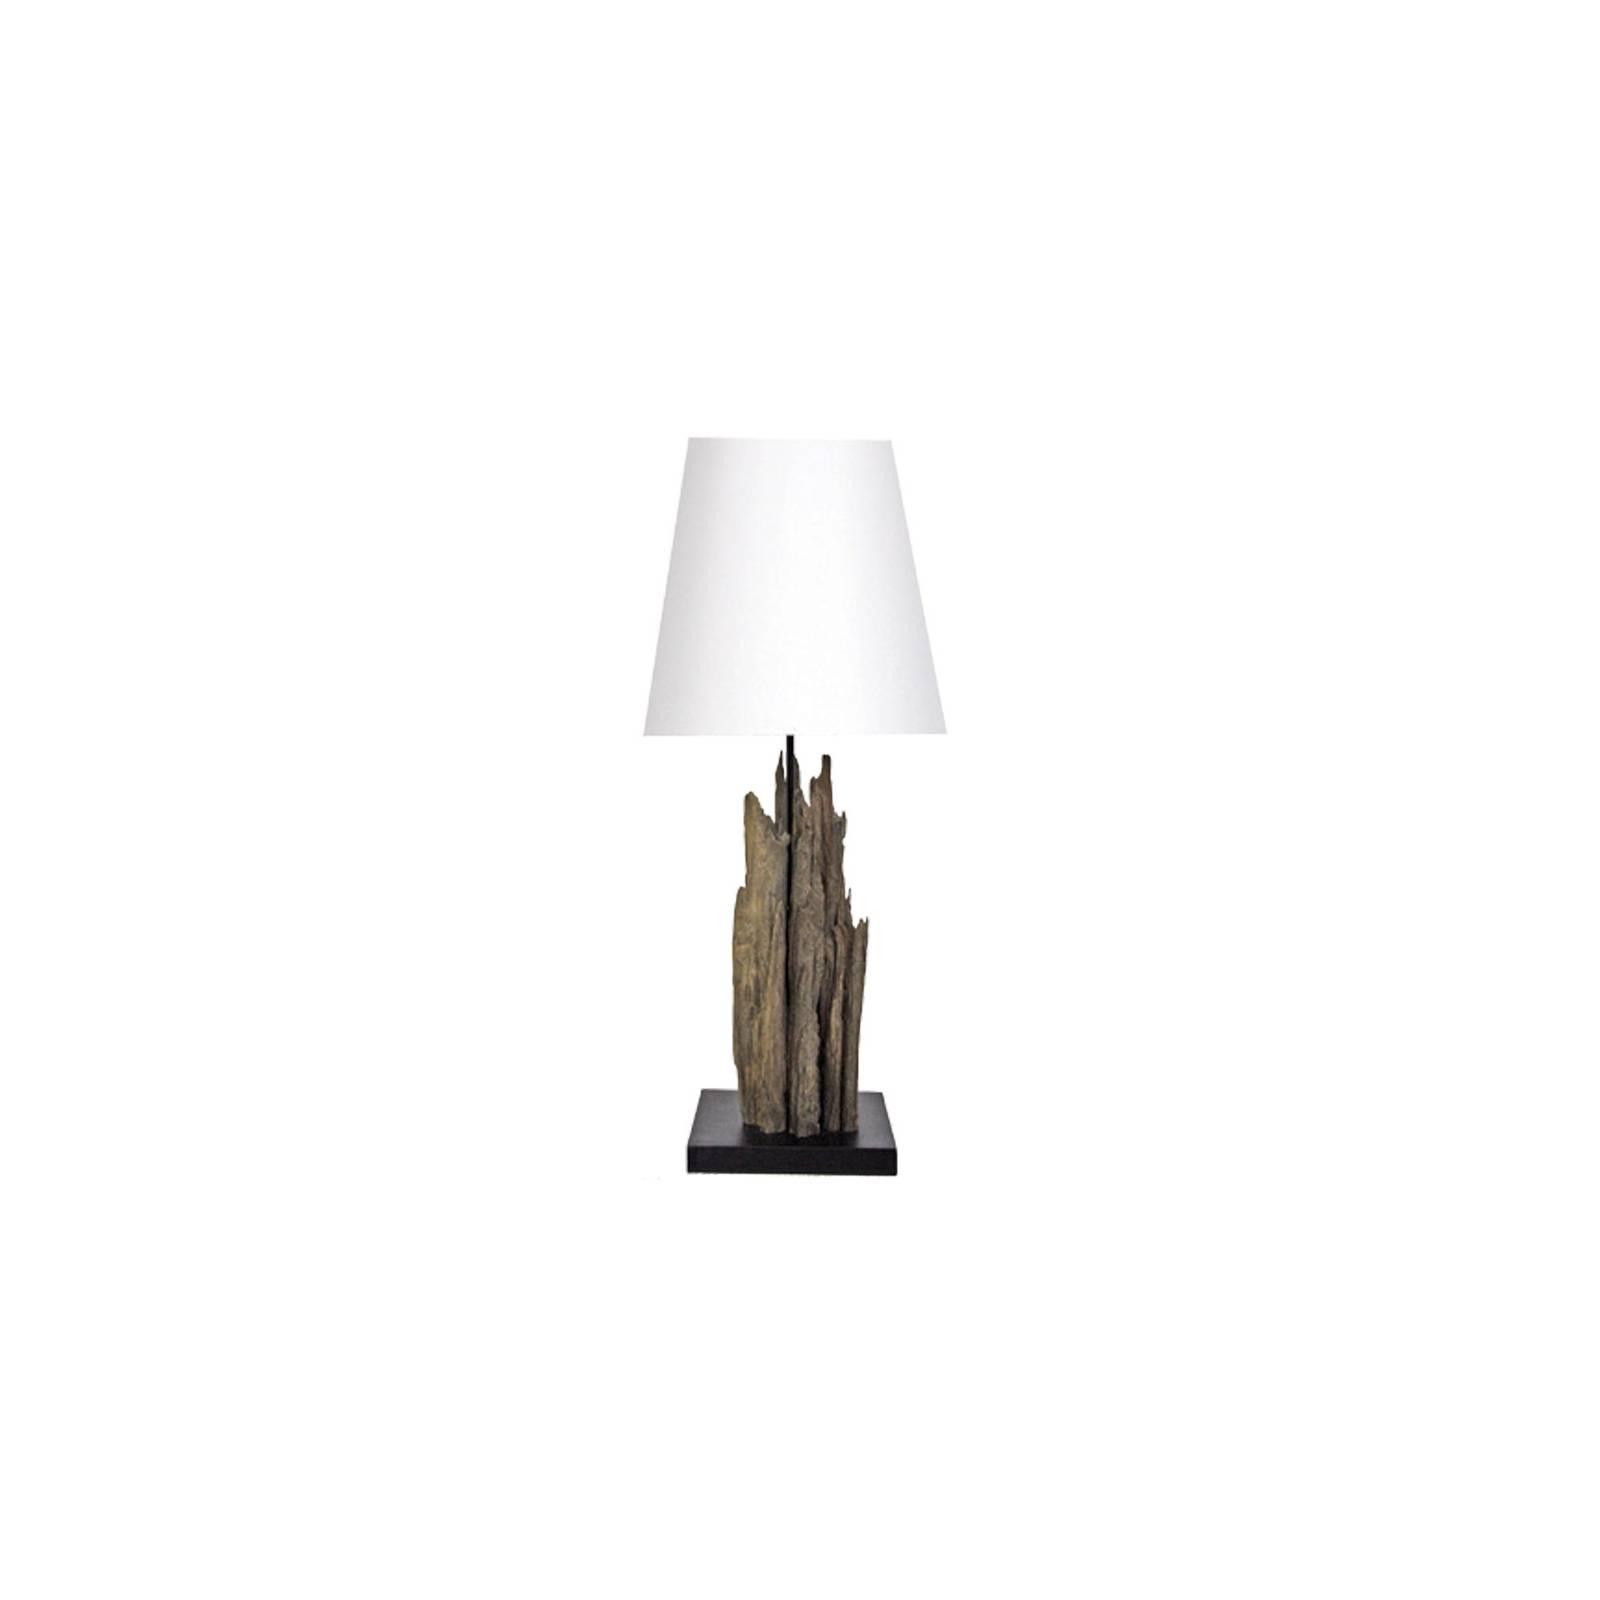 Lampe Maori Bois Flotté - déco style exotique